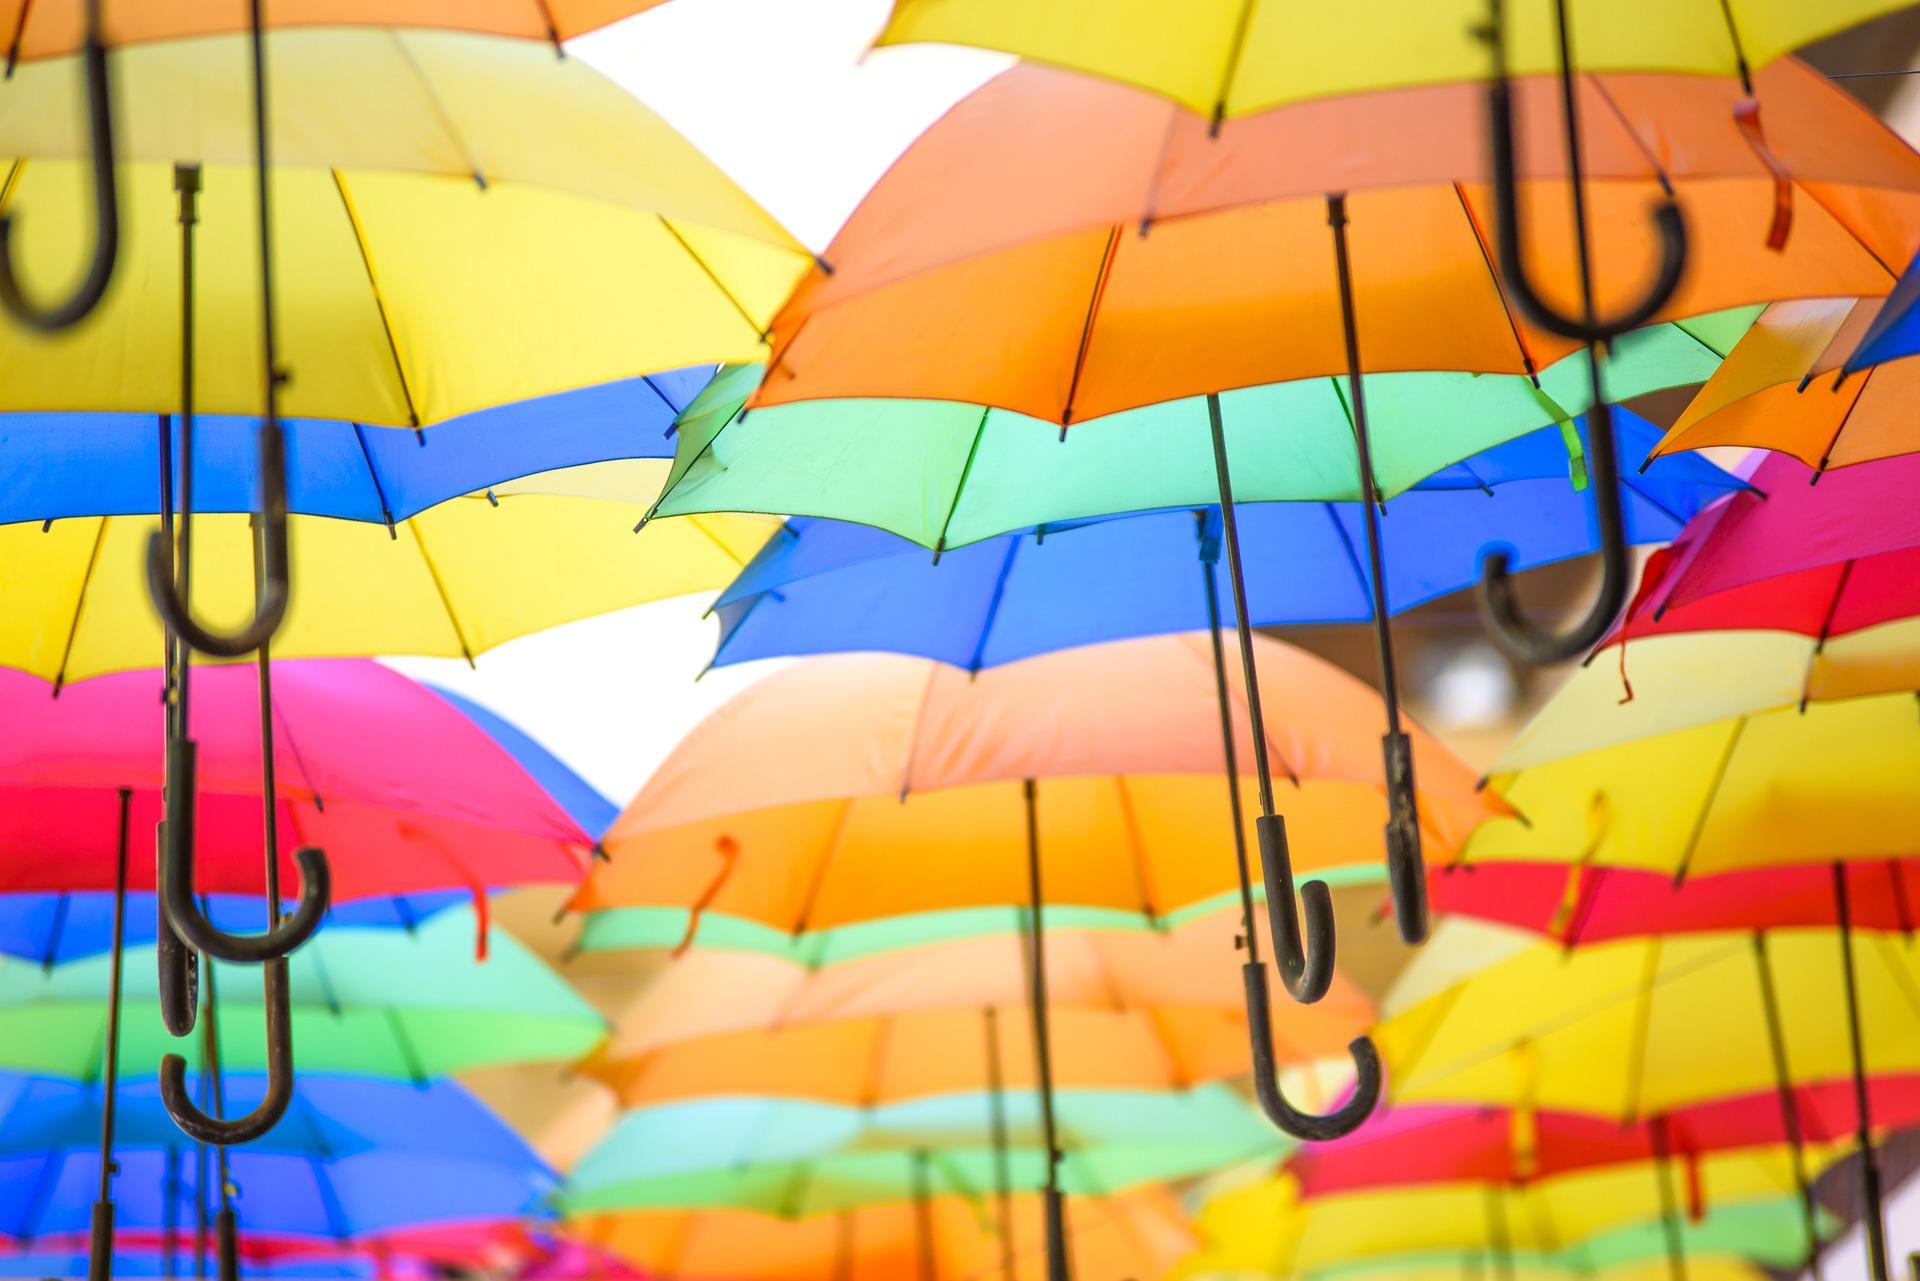 colorful-umbrellas-1492095_1920